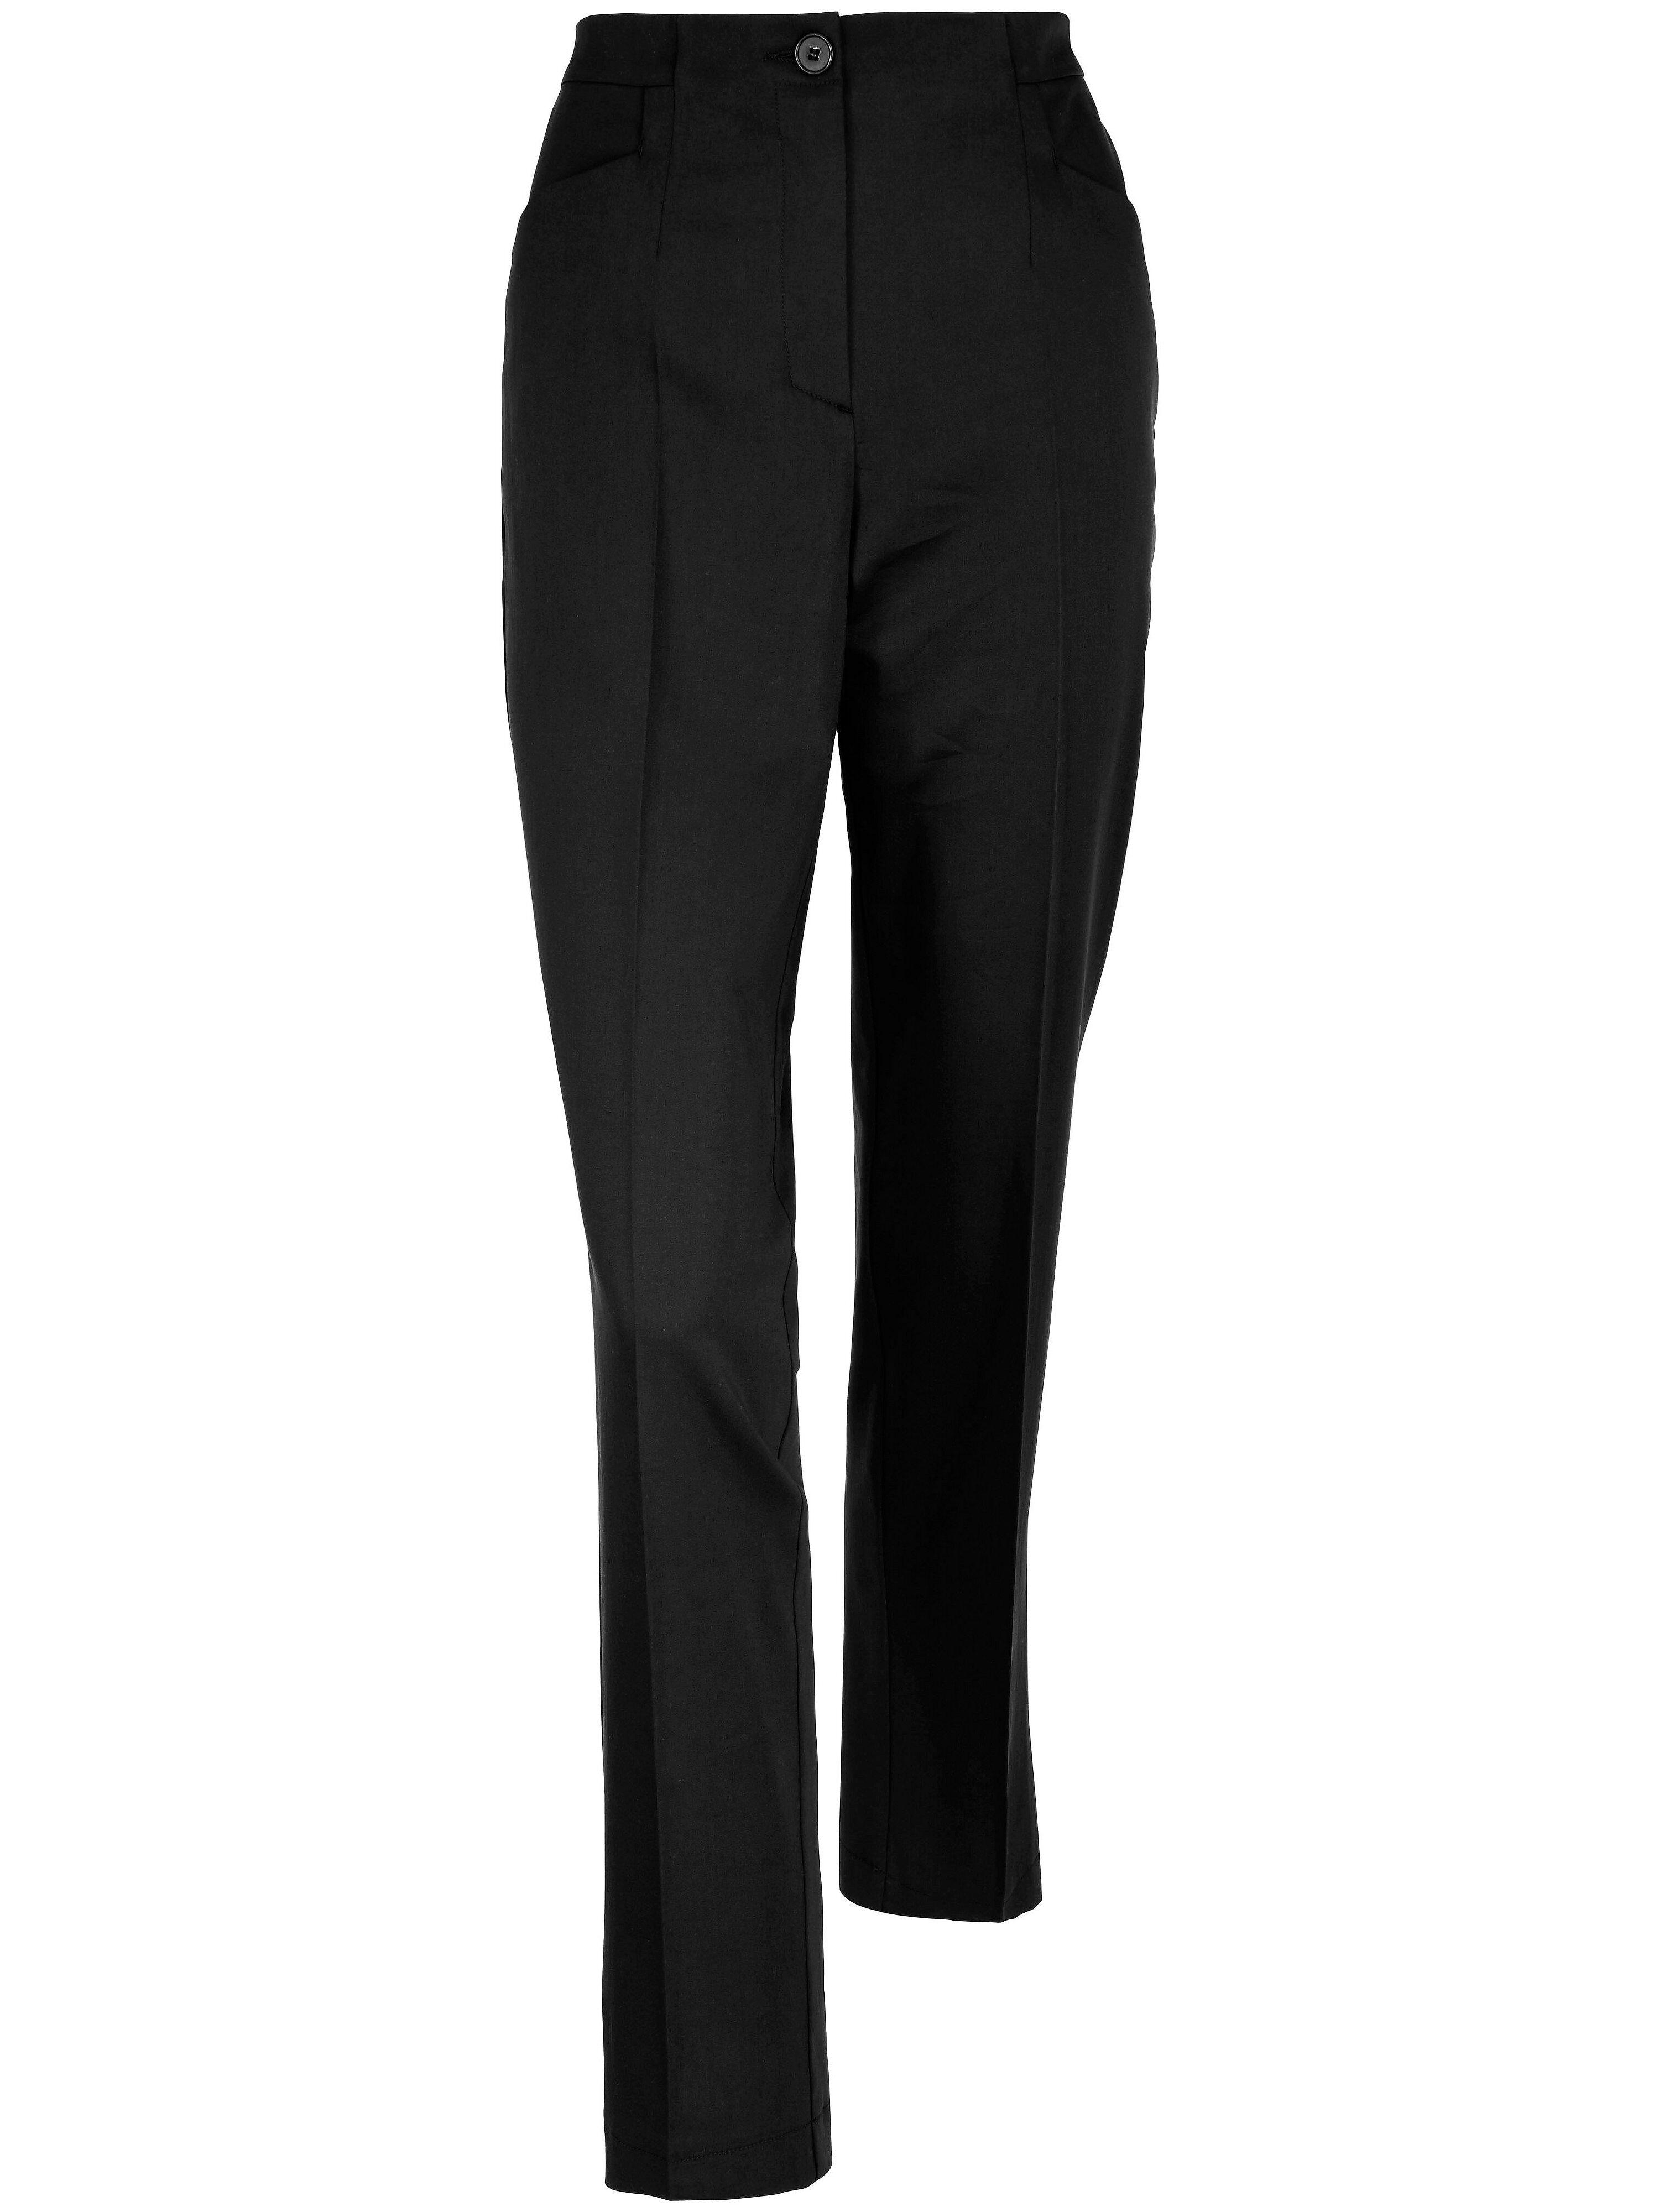 Peter Hahn Le pantalon facile d'entretien  Peter Hahn noir  - Femme - 38